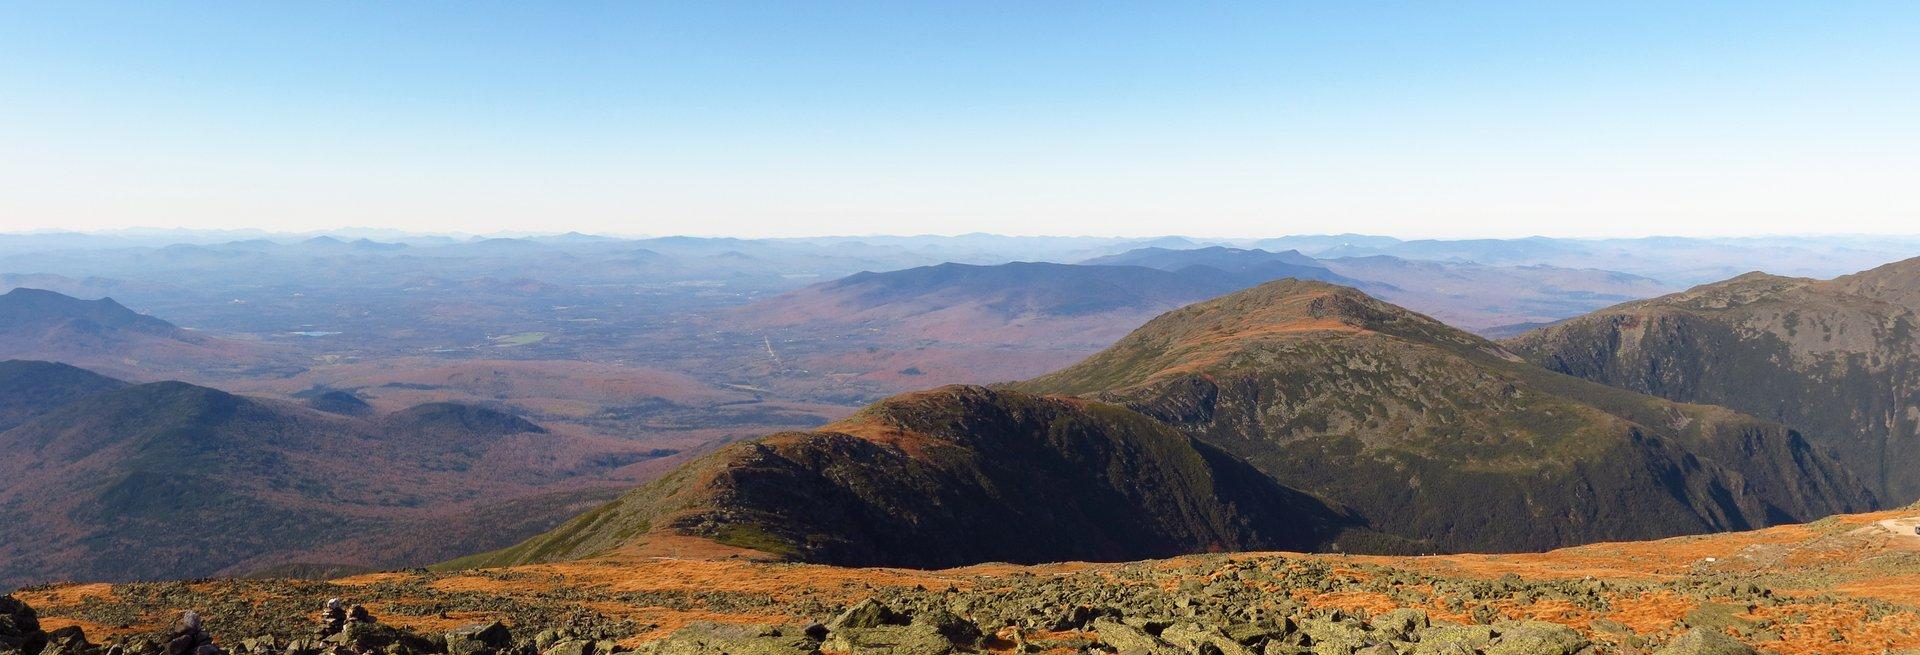 View from Mount Washington Peak, Gorham 2020